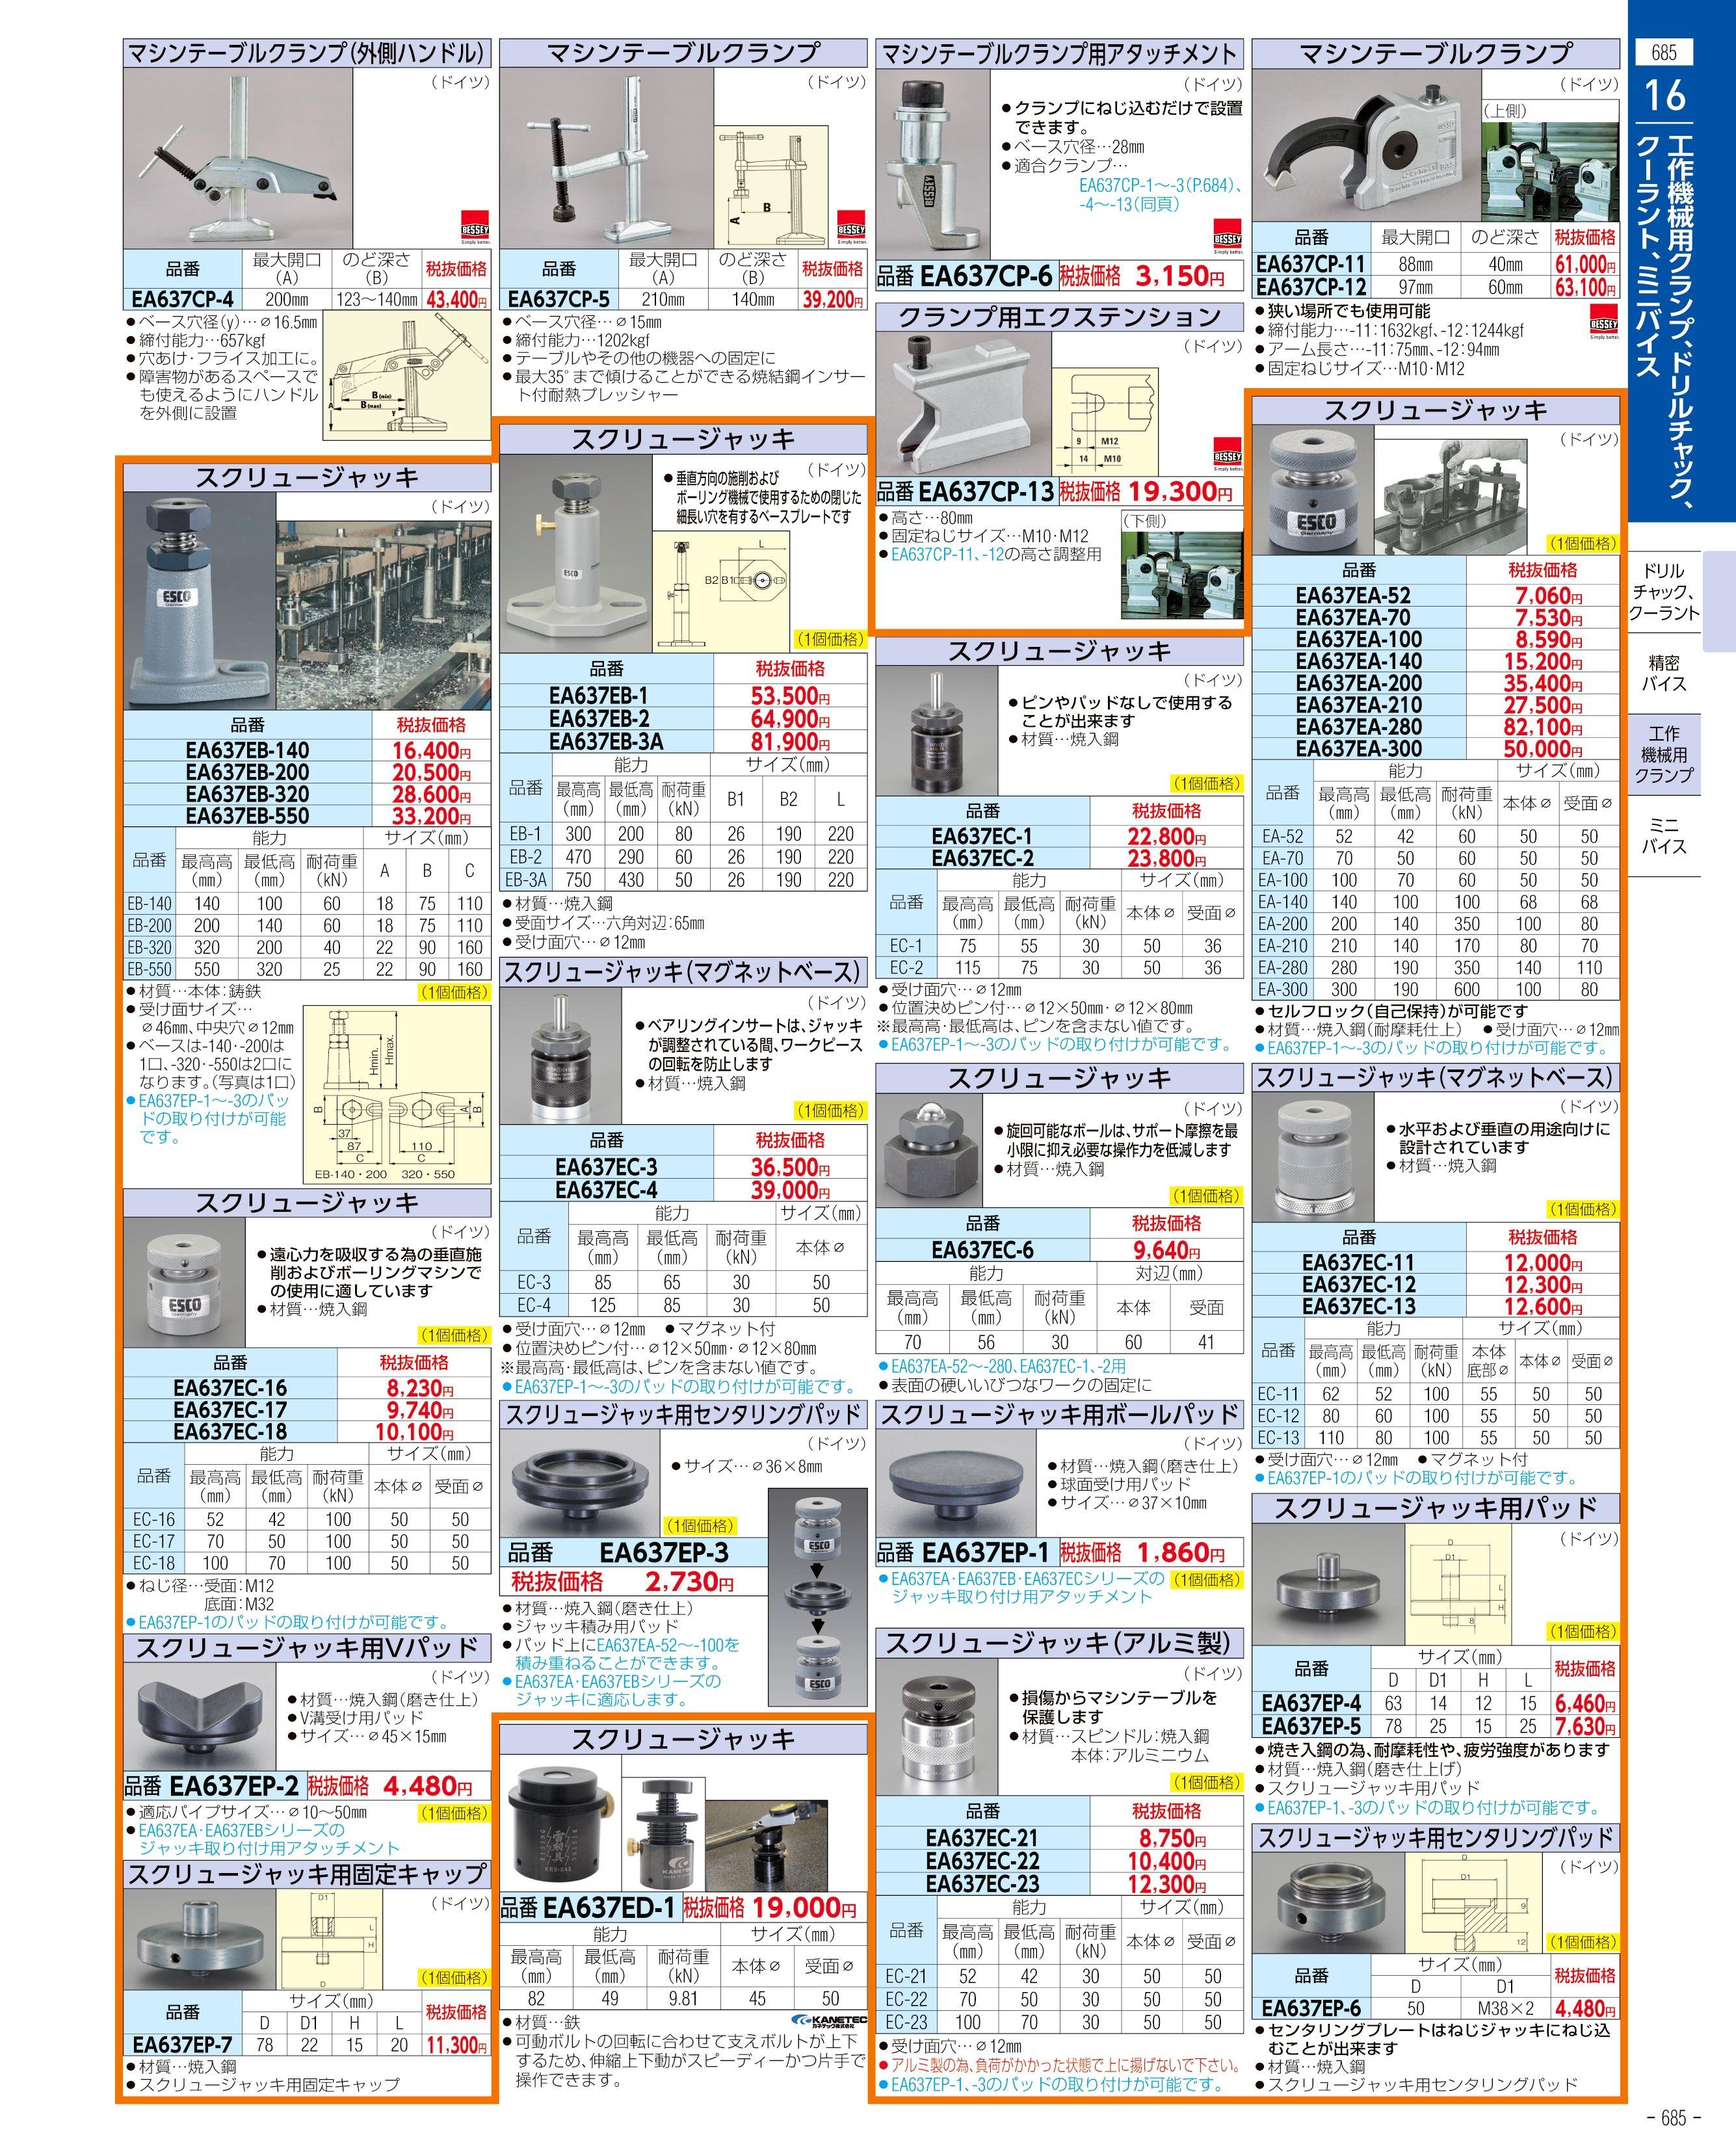 エスコ便利カタログ685ページ